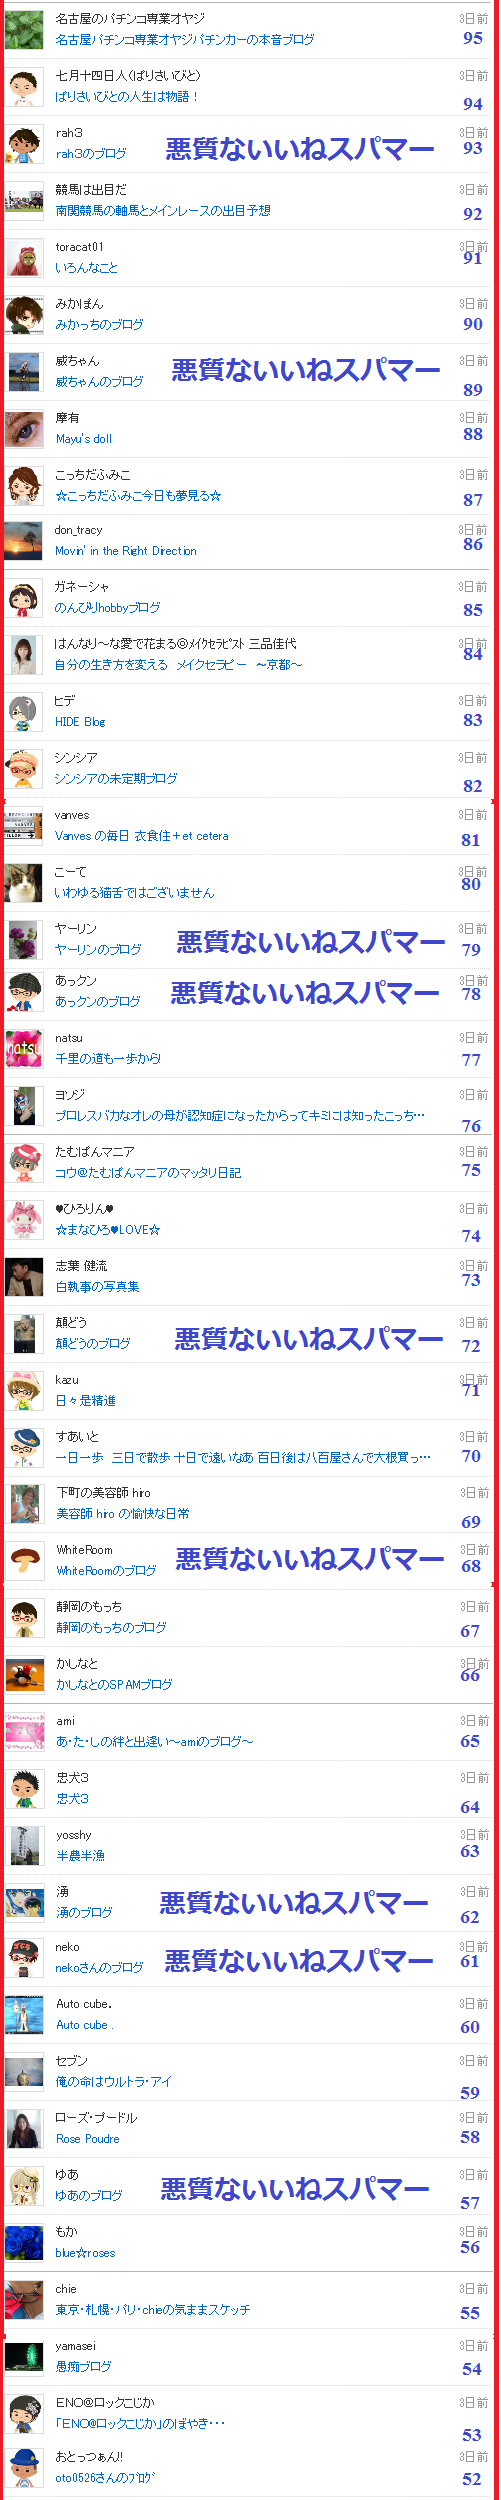 つぶちゃんは悪質スパマーのブログに付いた「いいねリスト5」